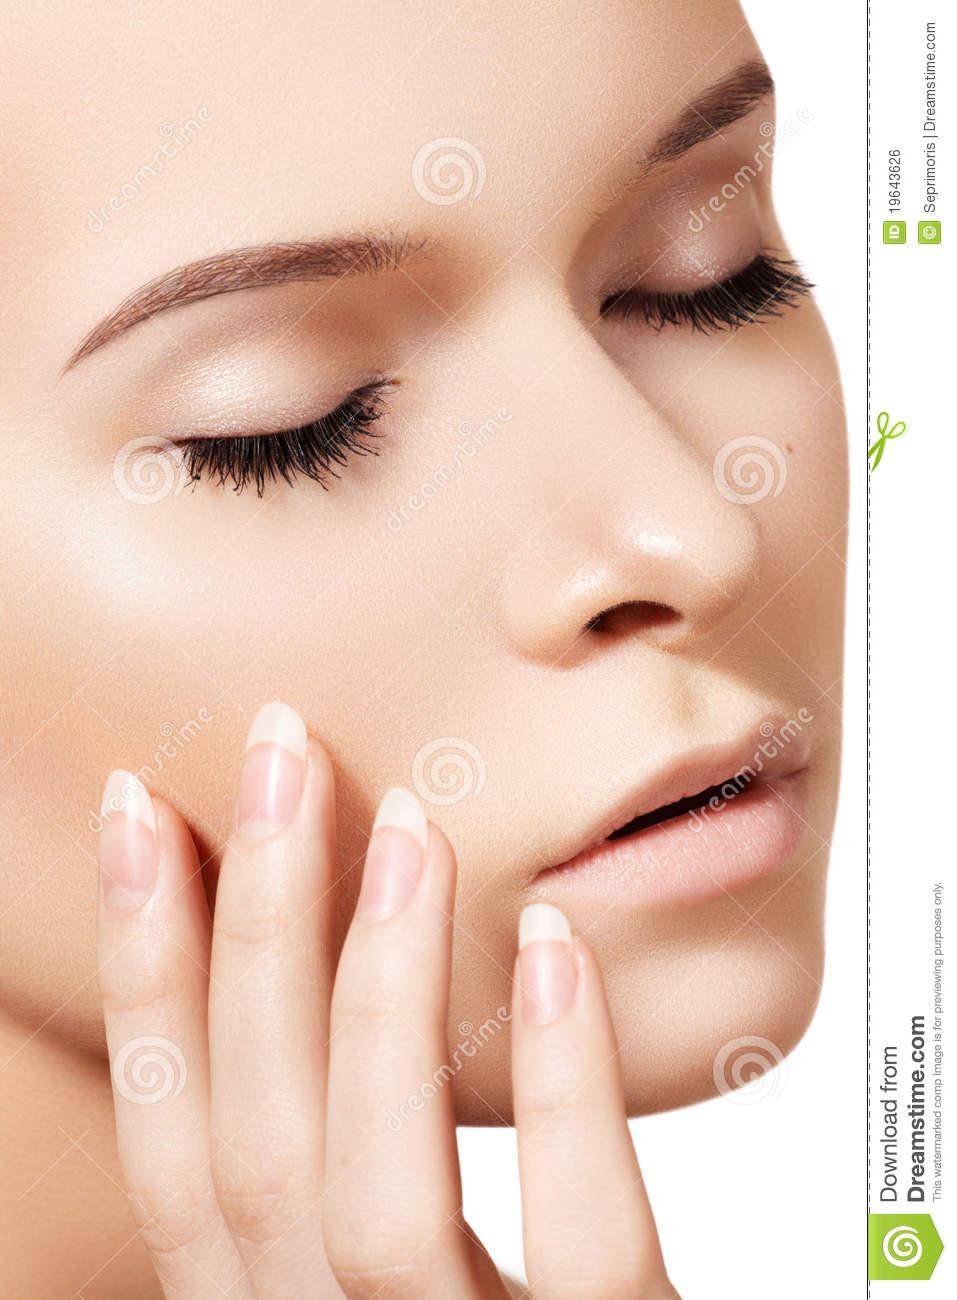 Natürliche Maniküre  Natürliche Skincare Schönheit Saubere Weiche Haut